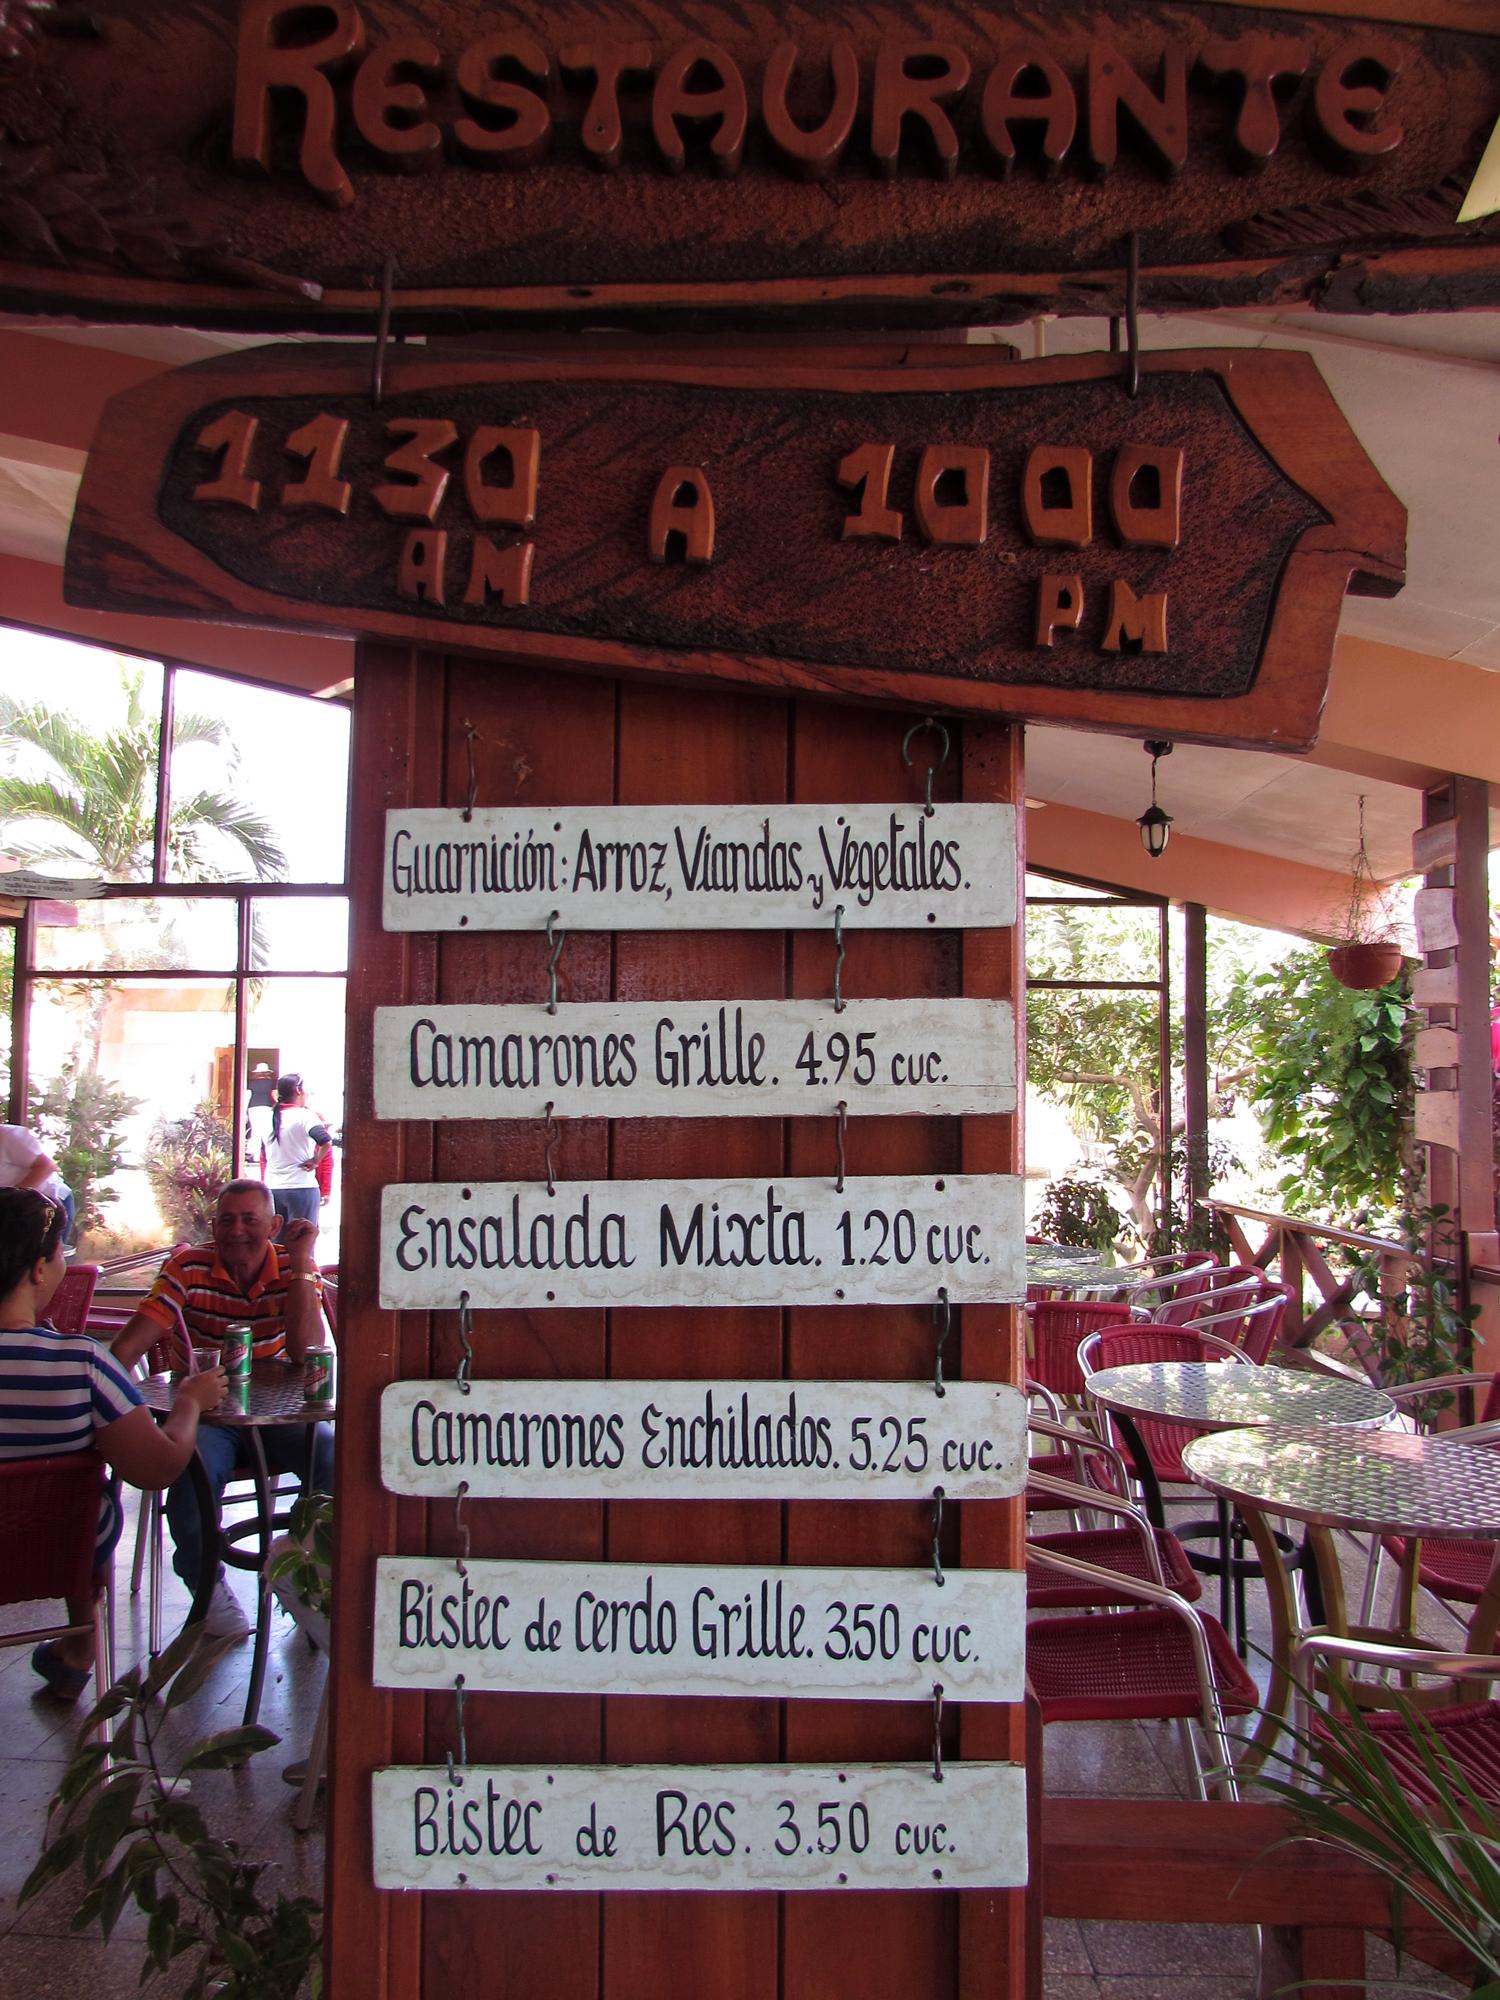 Rest stop menu